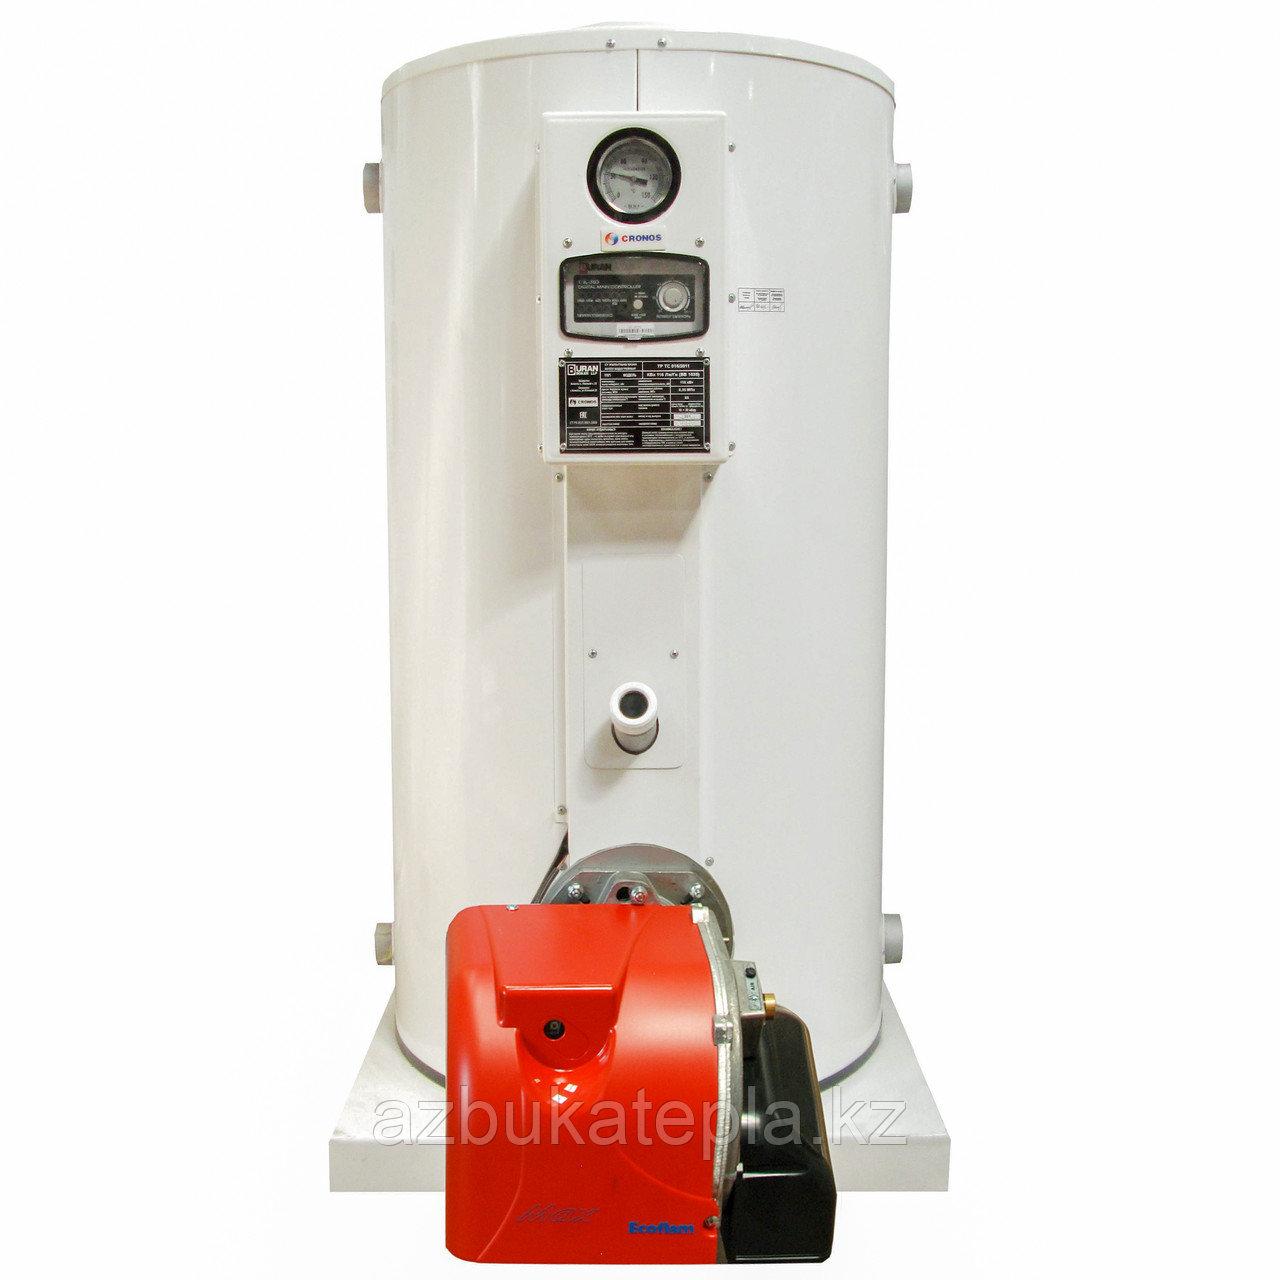 Газовый котел CRONOS BB-535 RG (MAXI 8 GAS) - фото 2